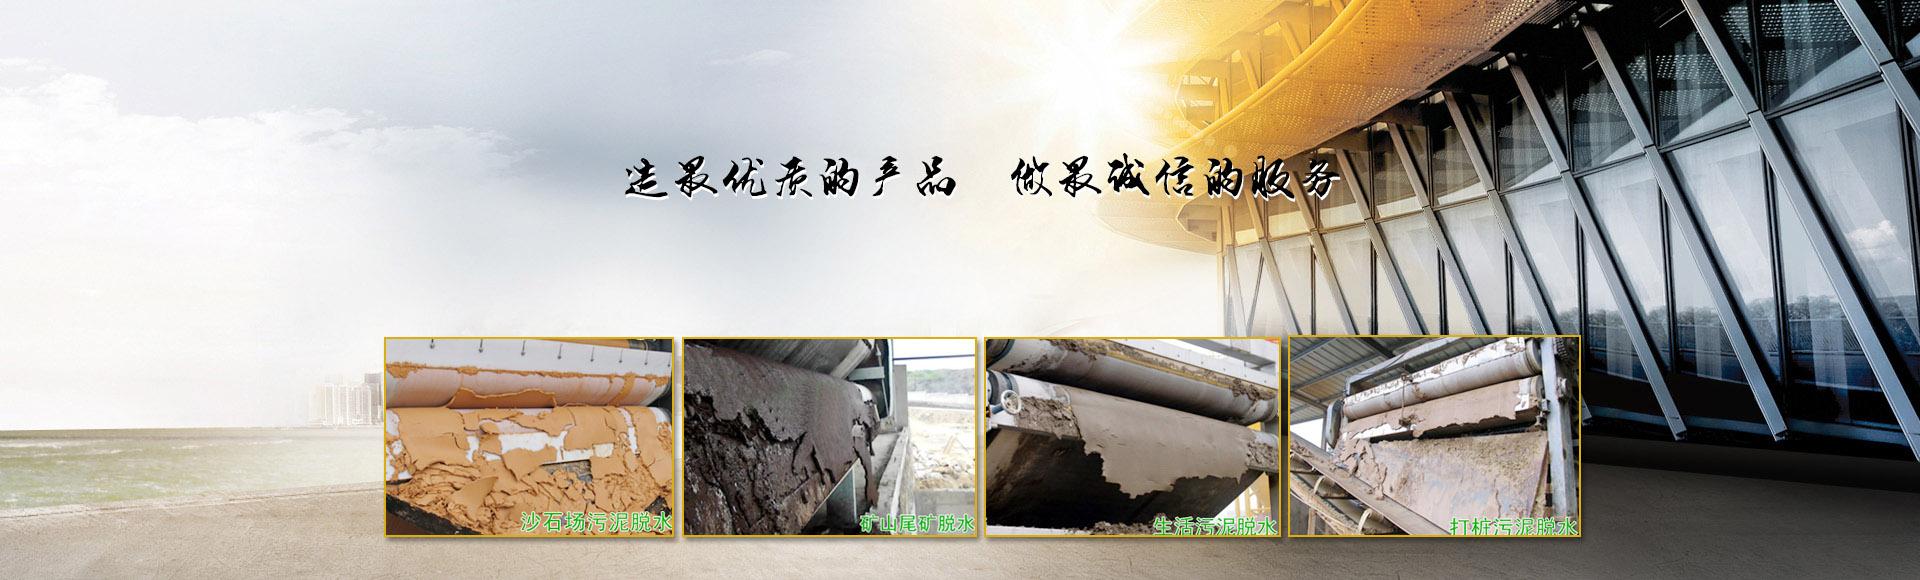 VOC废气治理设备 除尘设备脱硫脱硝设备